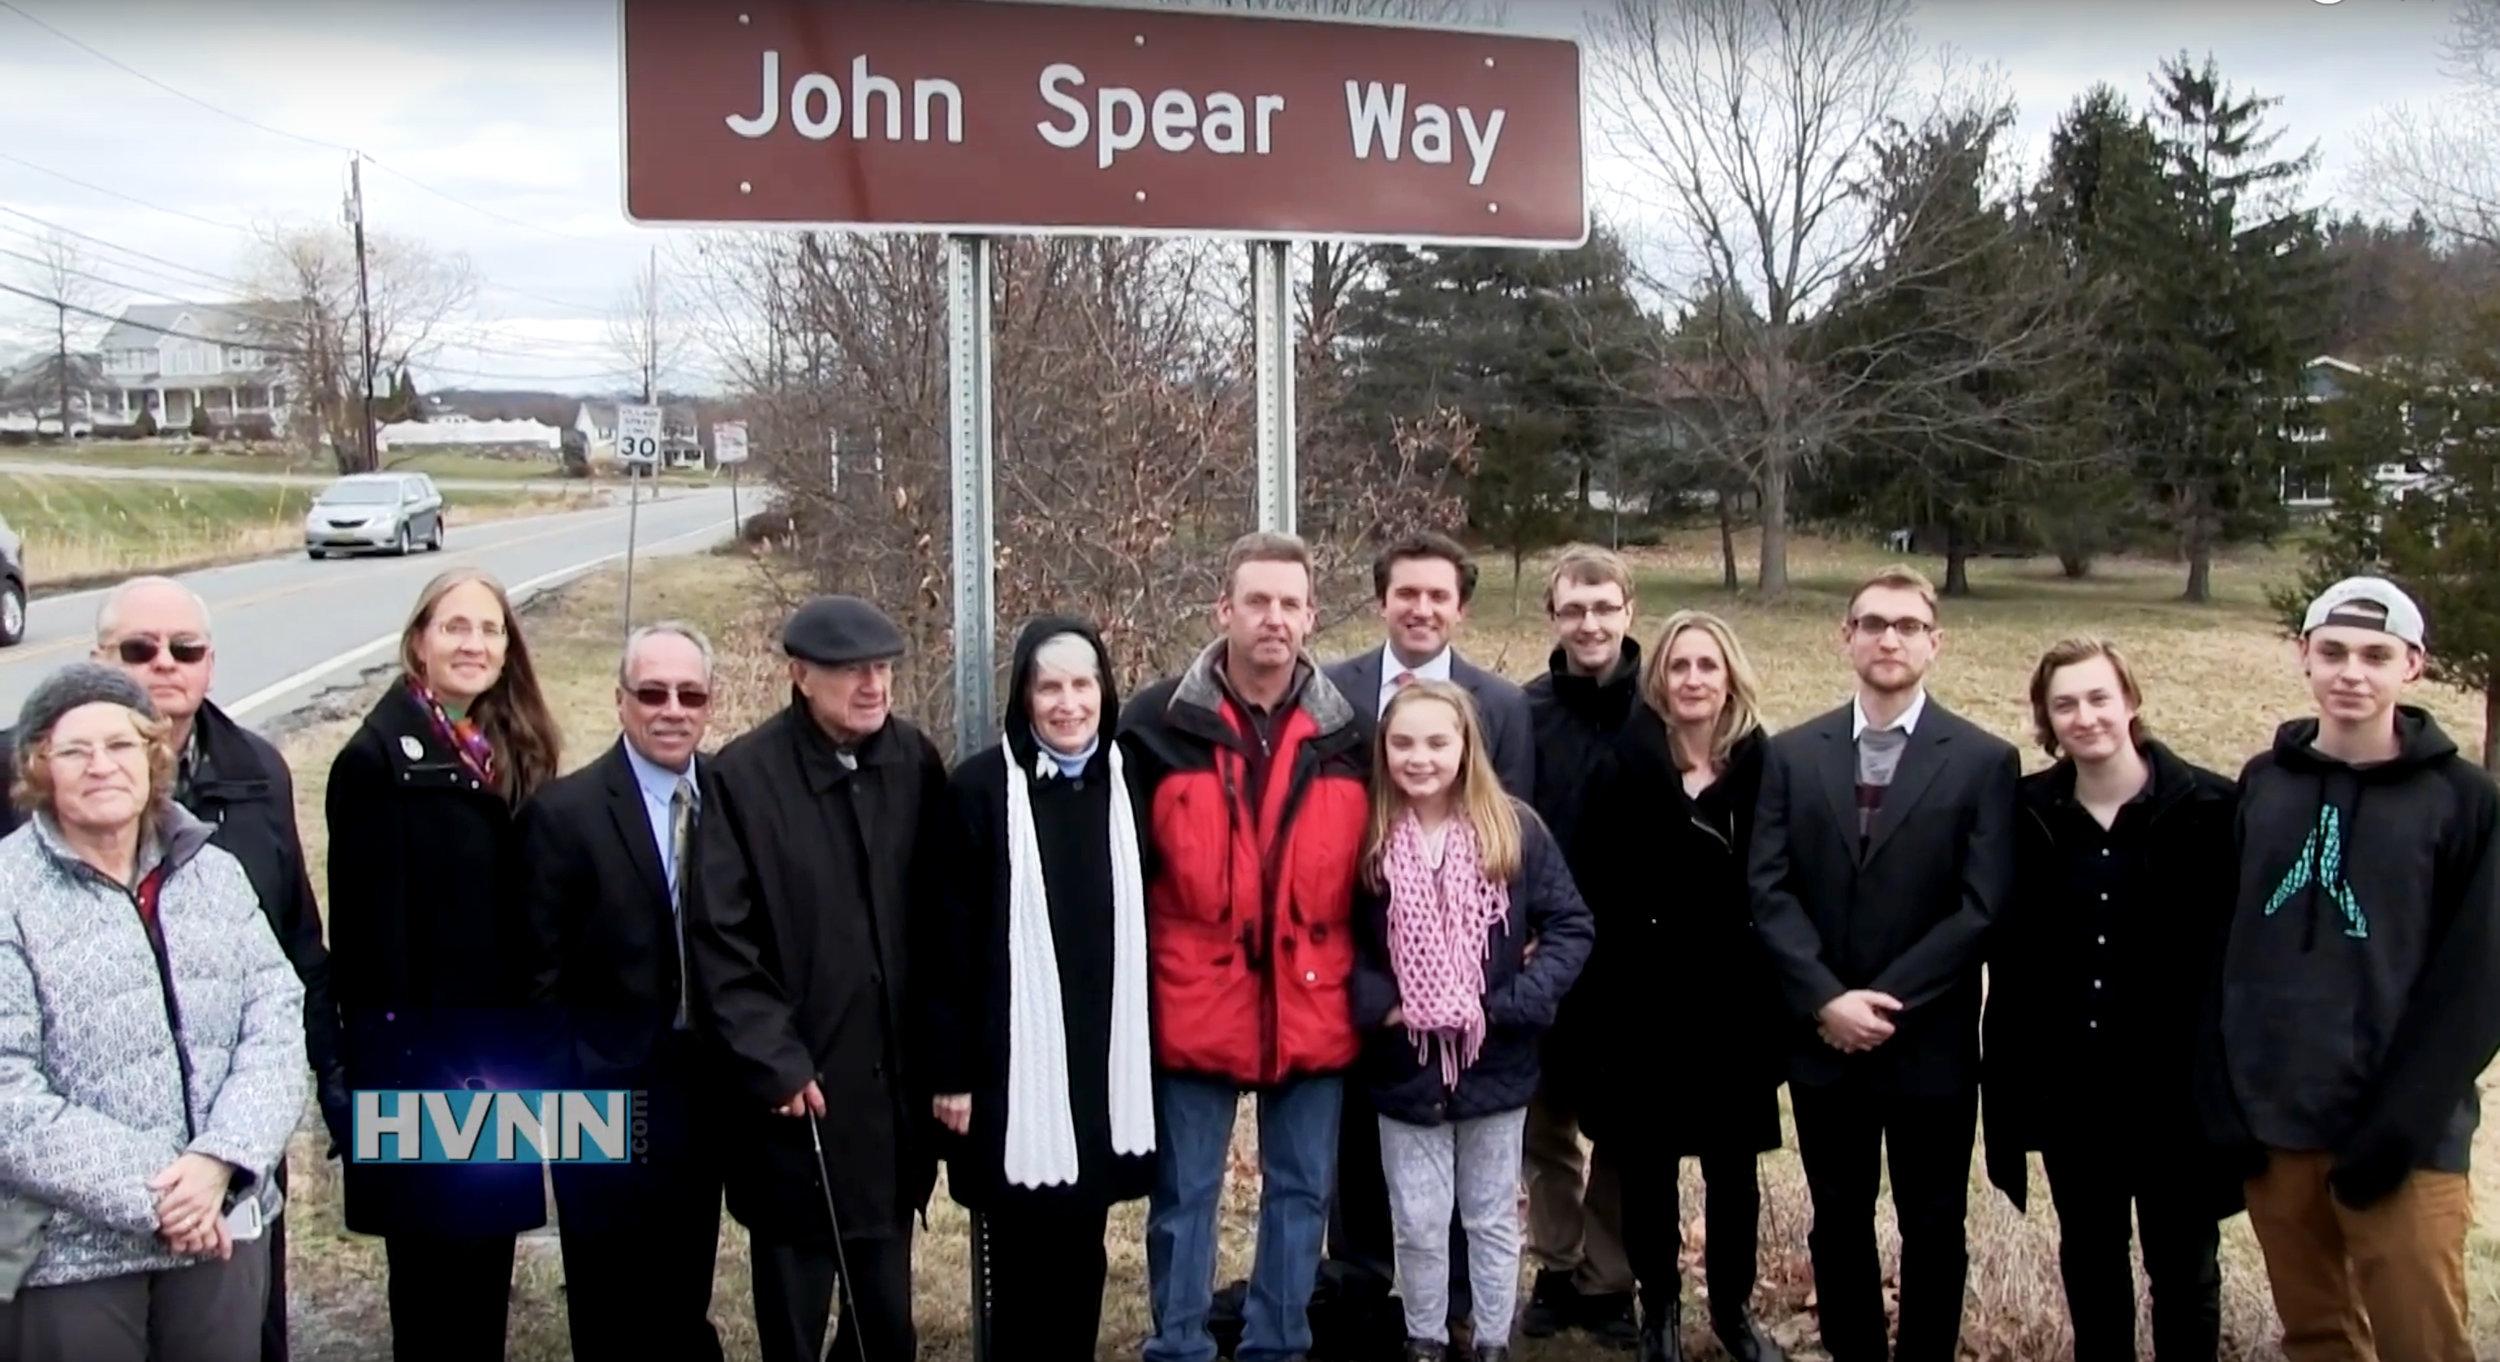 Dylan Owen John Spear Way